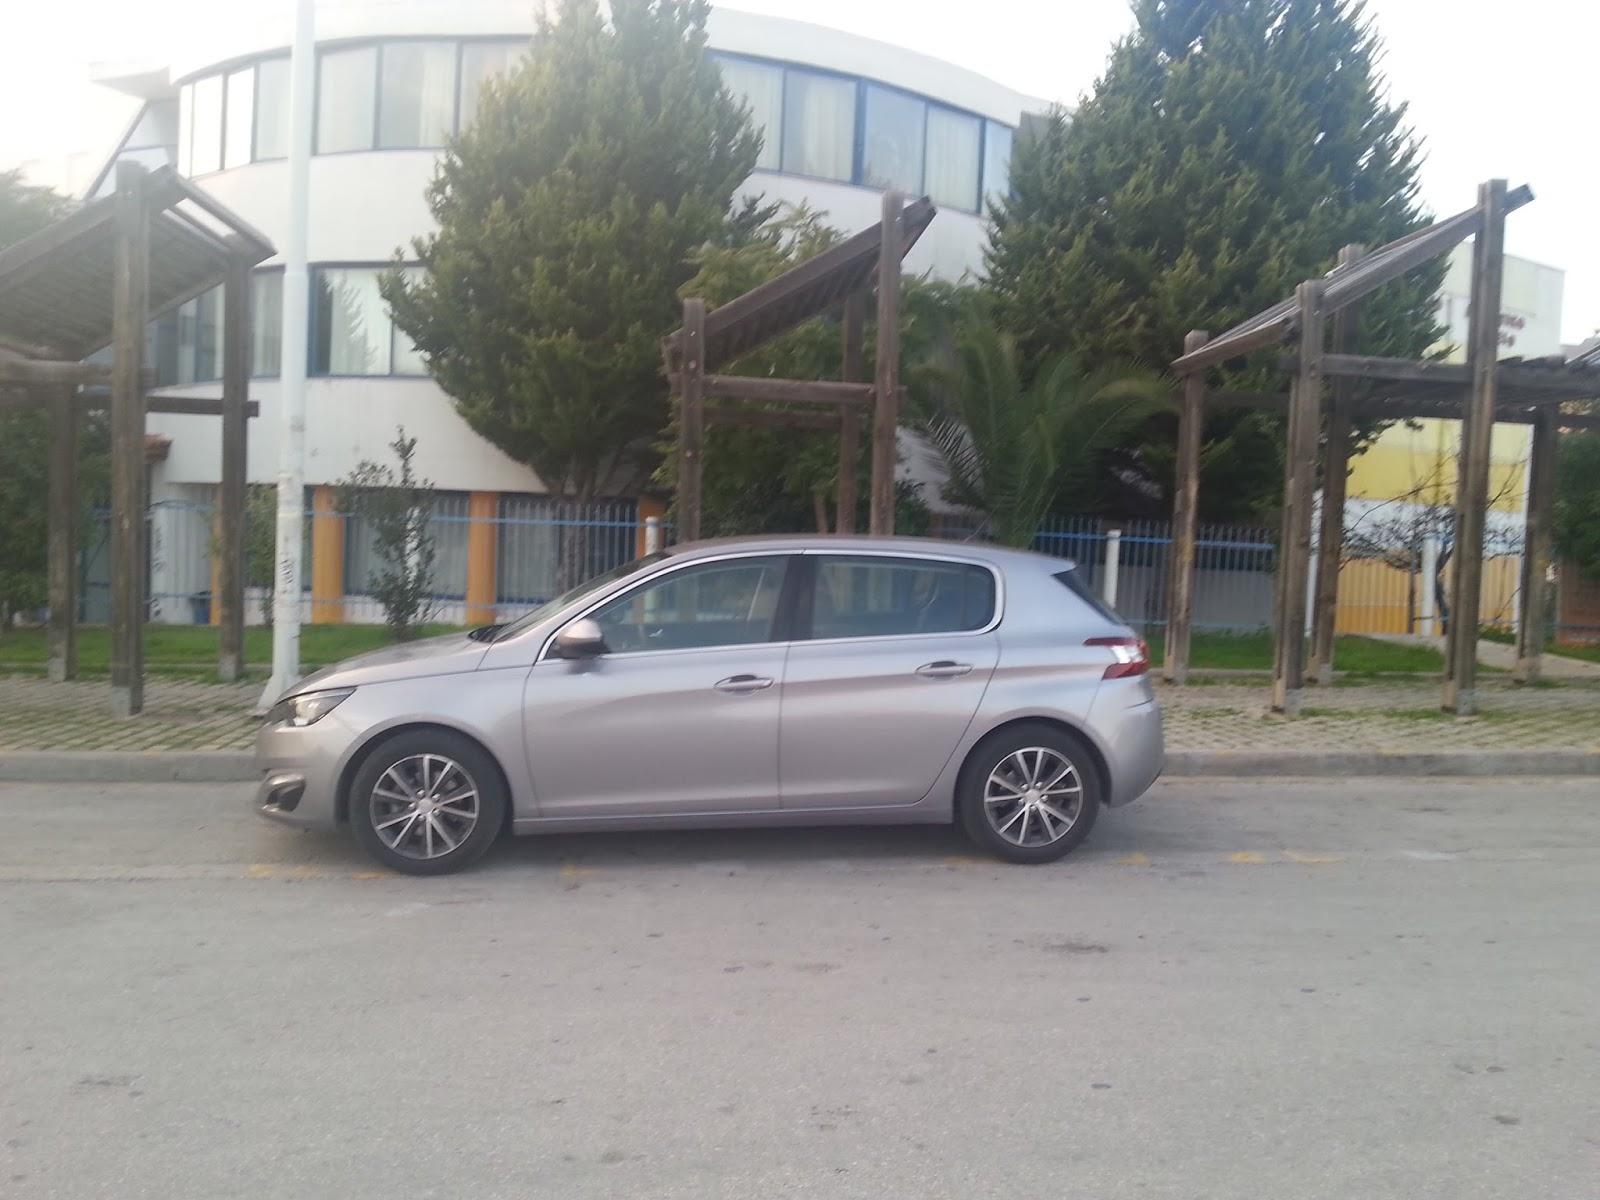 F2 3 Πόσο καλά στρίβει το Peugeot 308; Peugeot, Peugeot 308, TEST, ΔΟΚΙΜΕΣ